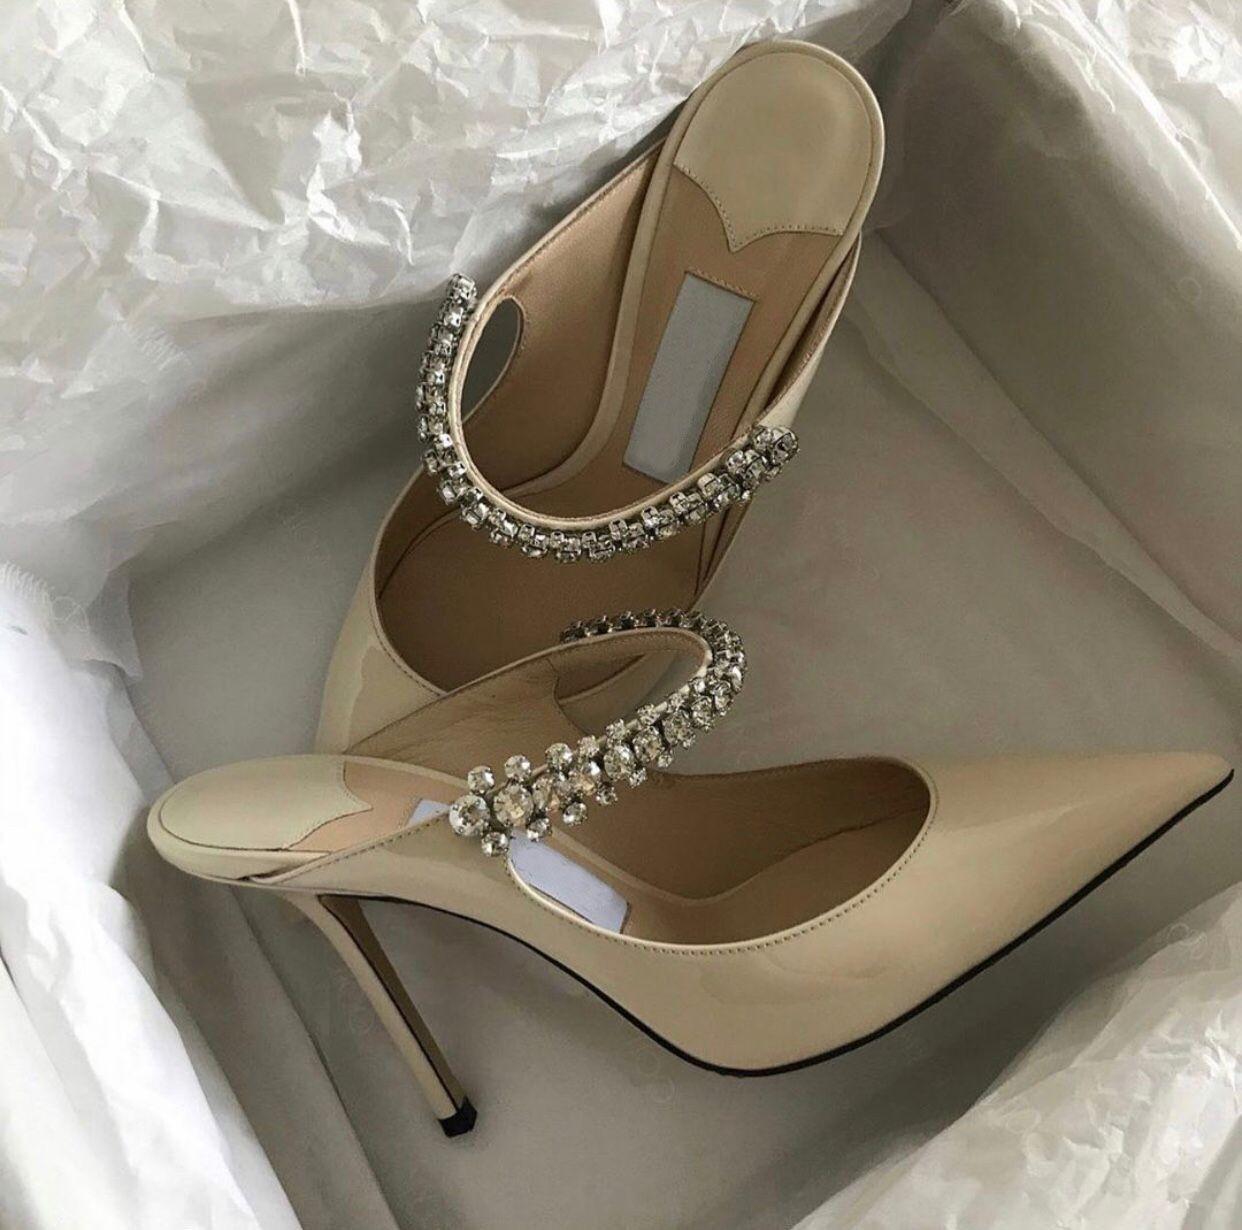 Zarif Tasarım Bing Baily Gelinlik Yüksek Topuklu Kadın Kristal Inci Kayış kadın Pompaları Noktası Toe Seksi Bayan Yürüyüş Ayakkabıları EU35-41